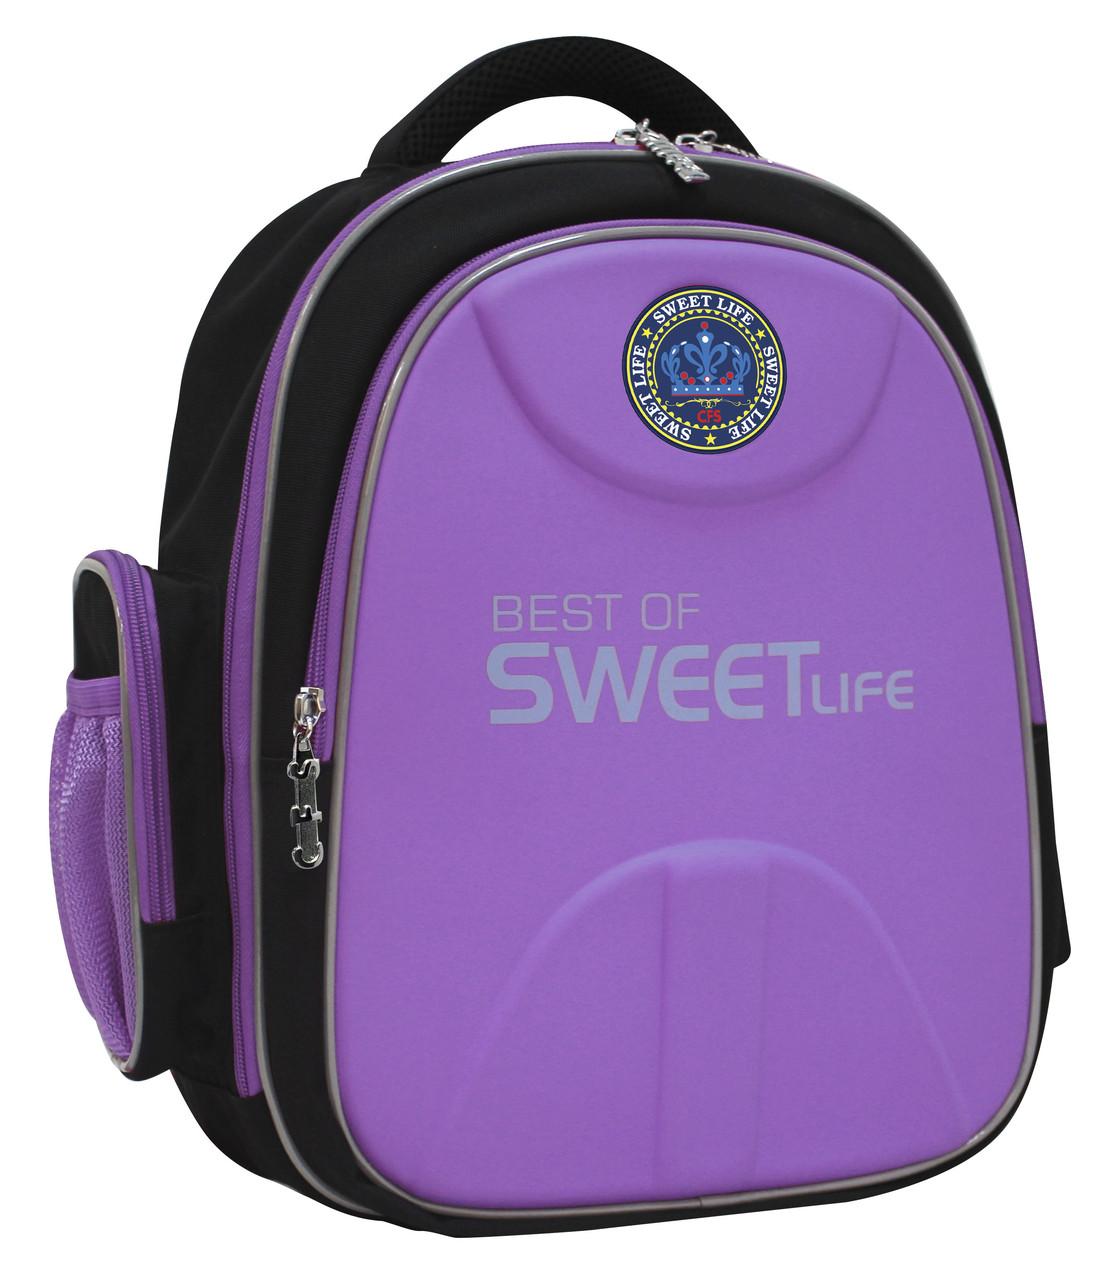 школьный рюкзак финляндия маг тайлер